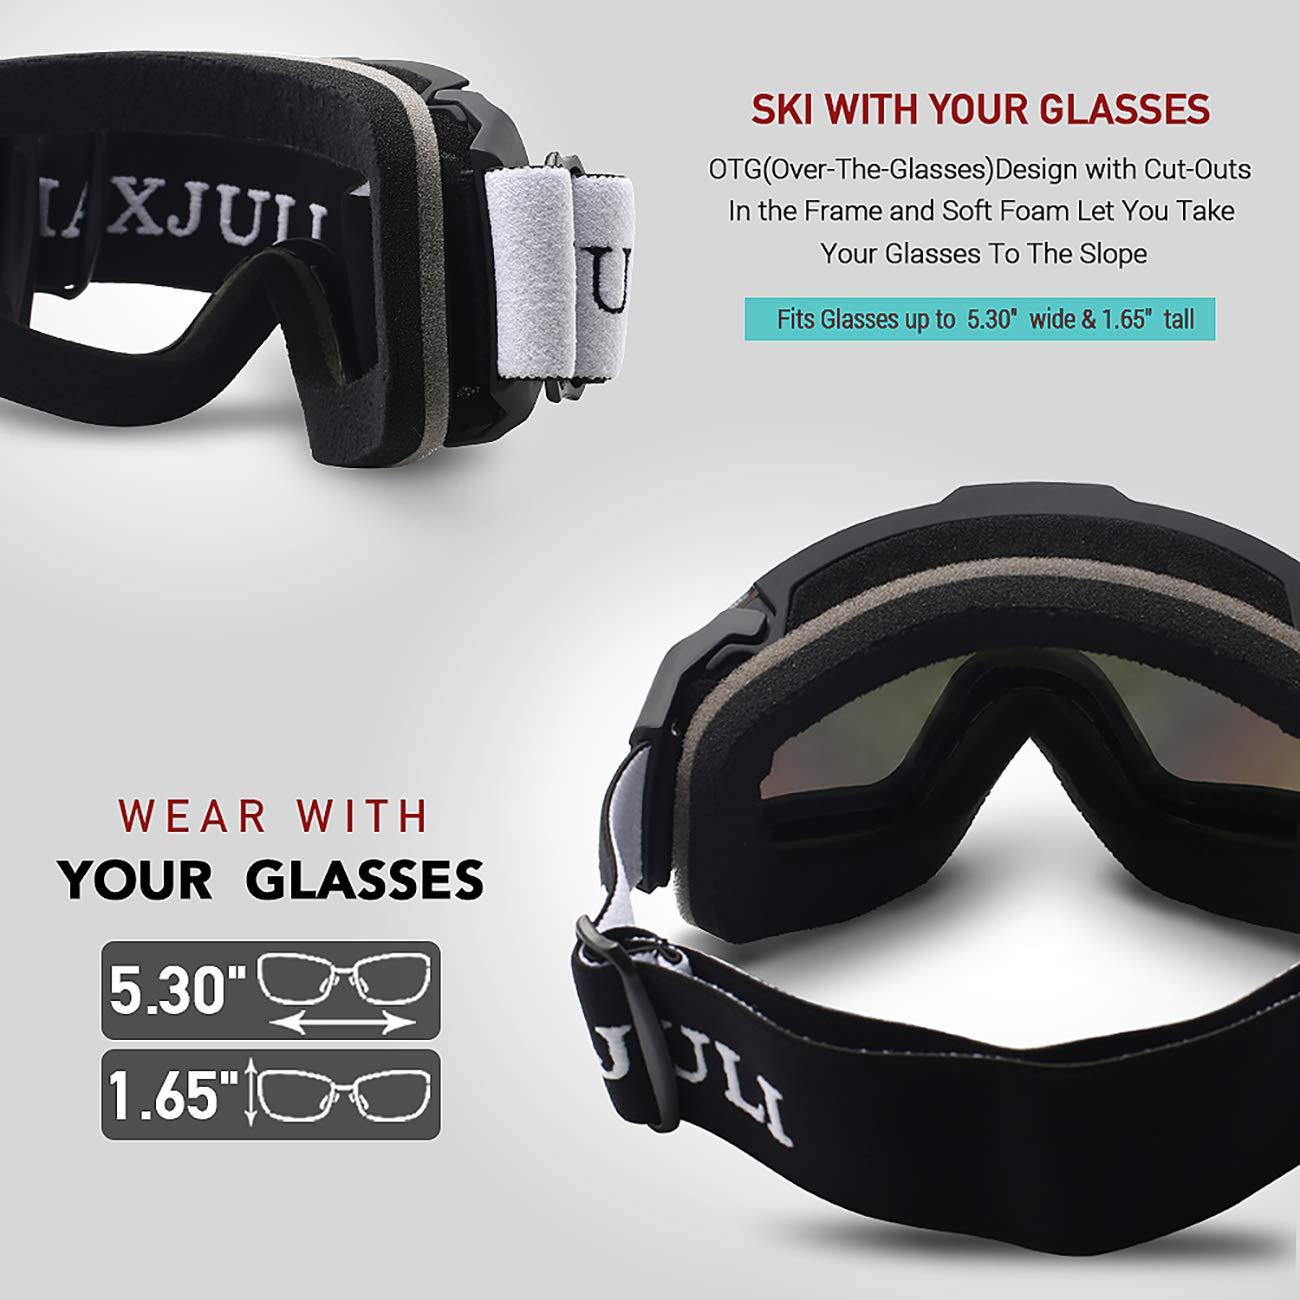 Juli/® Skibrille,Winter Schnee Sport Snowboardbrille Mit Anti-Nebel UV Schutz Austauschbar Sph/ärische Doppelte Linse f/ür M/änner Frauen /& Jugend Schneemobil